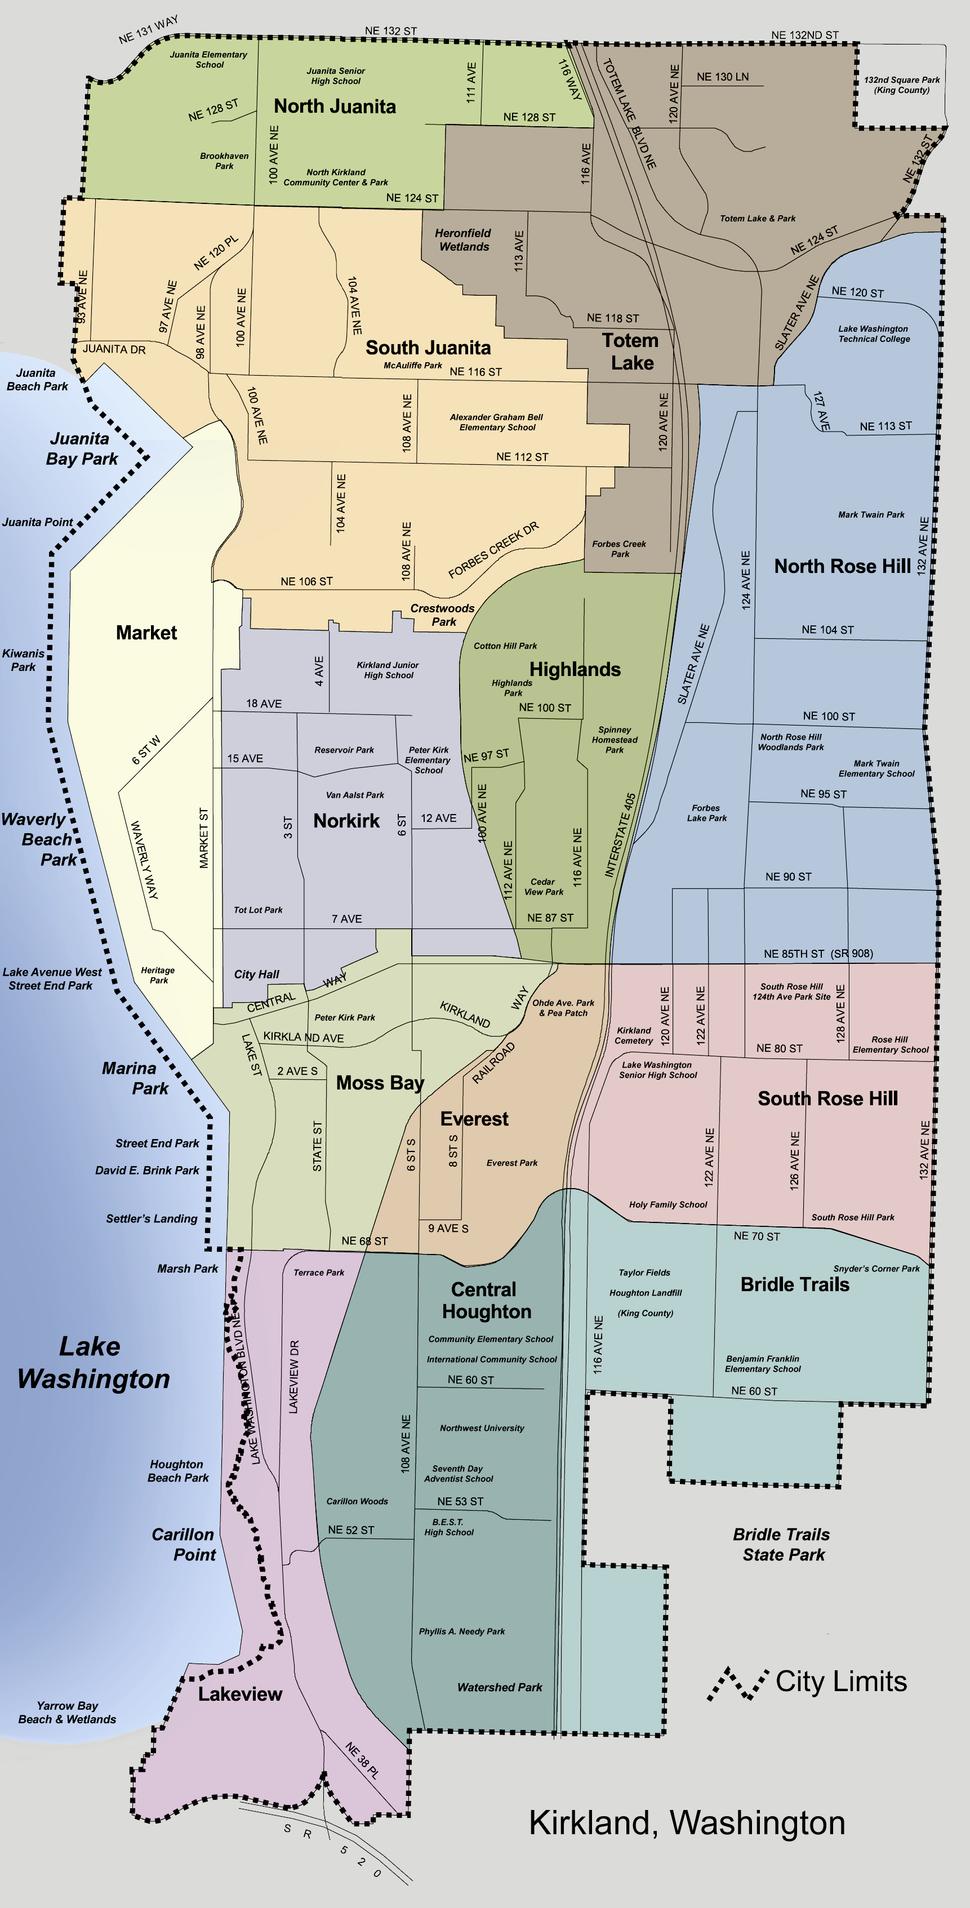 Kirkland, Washington neighborhood map